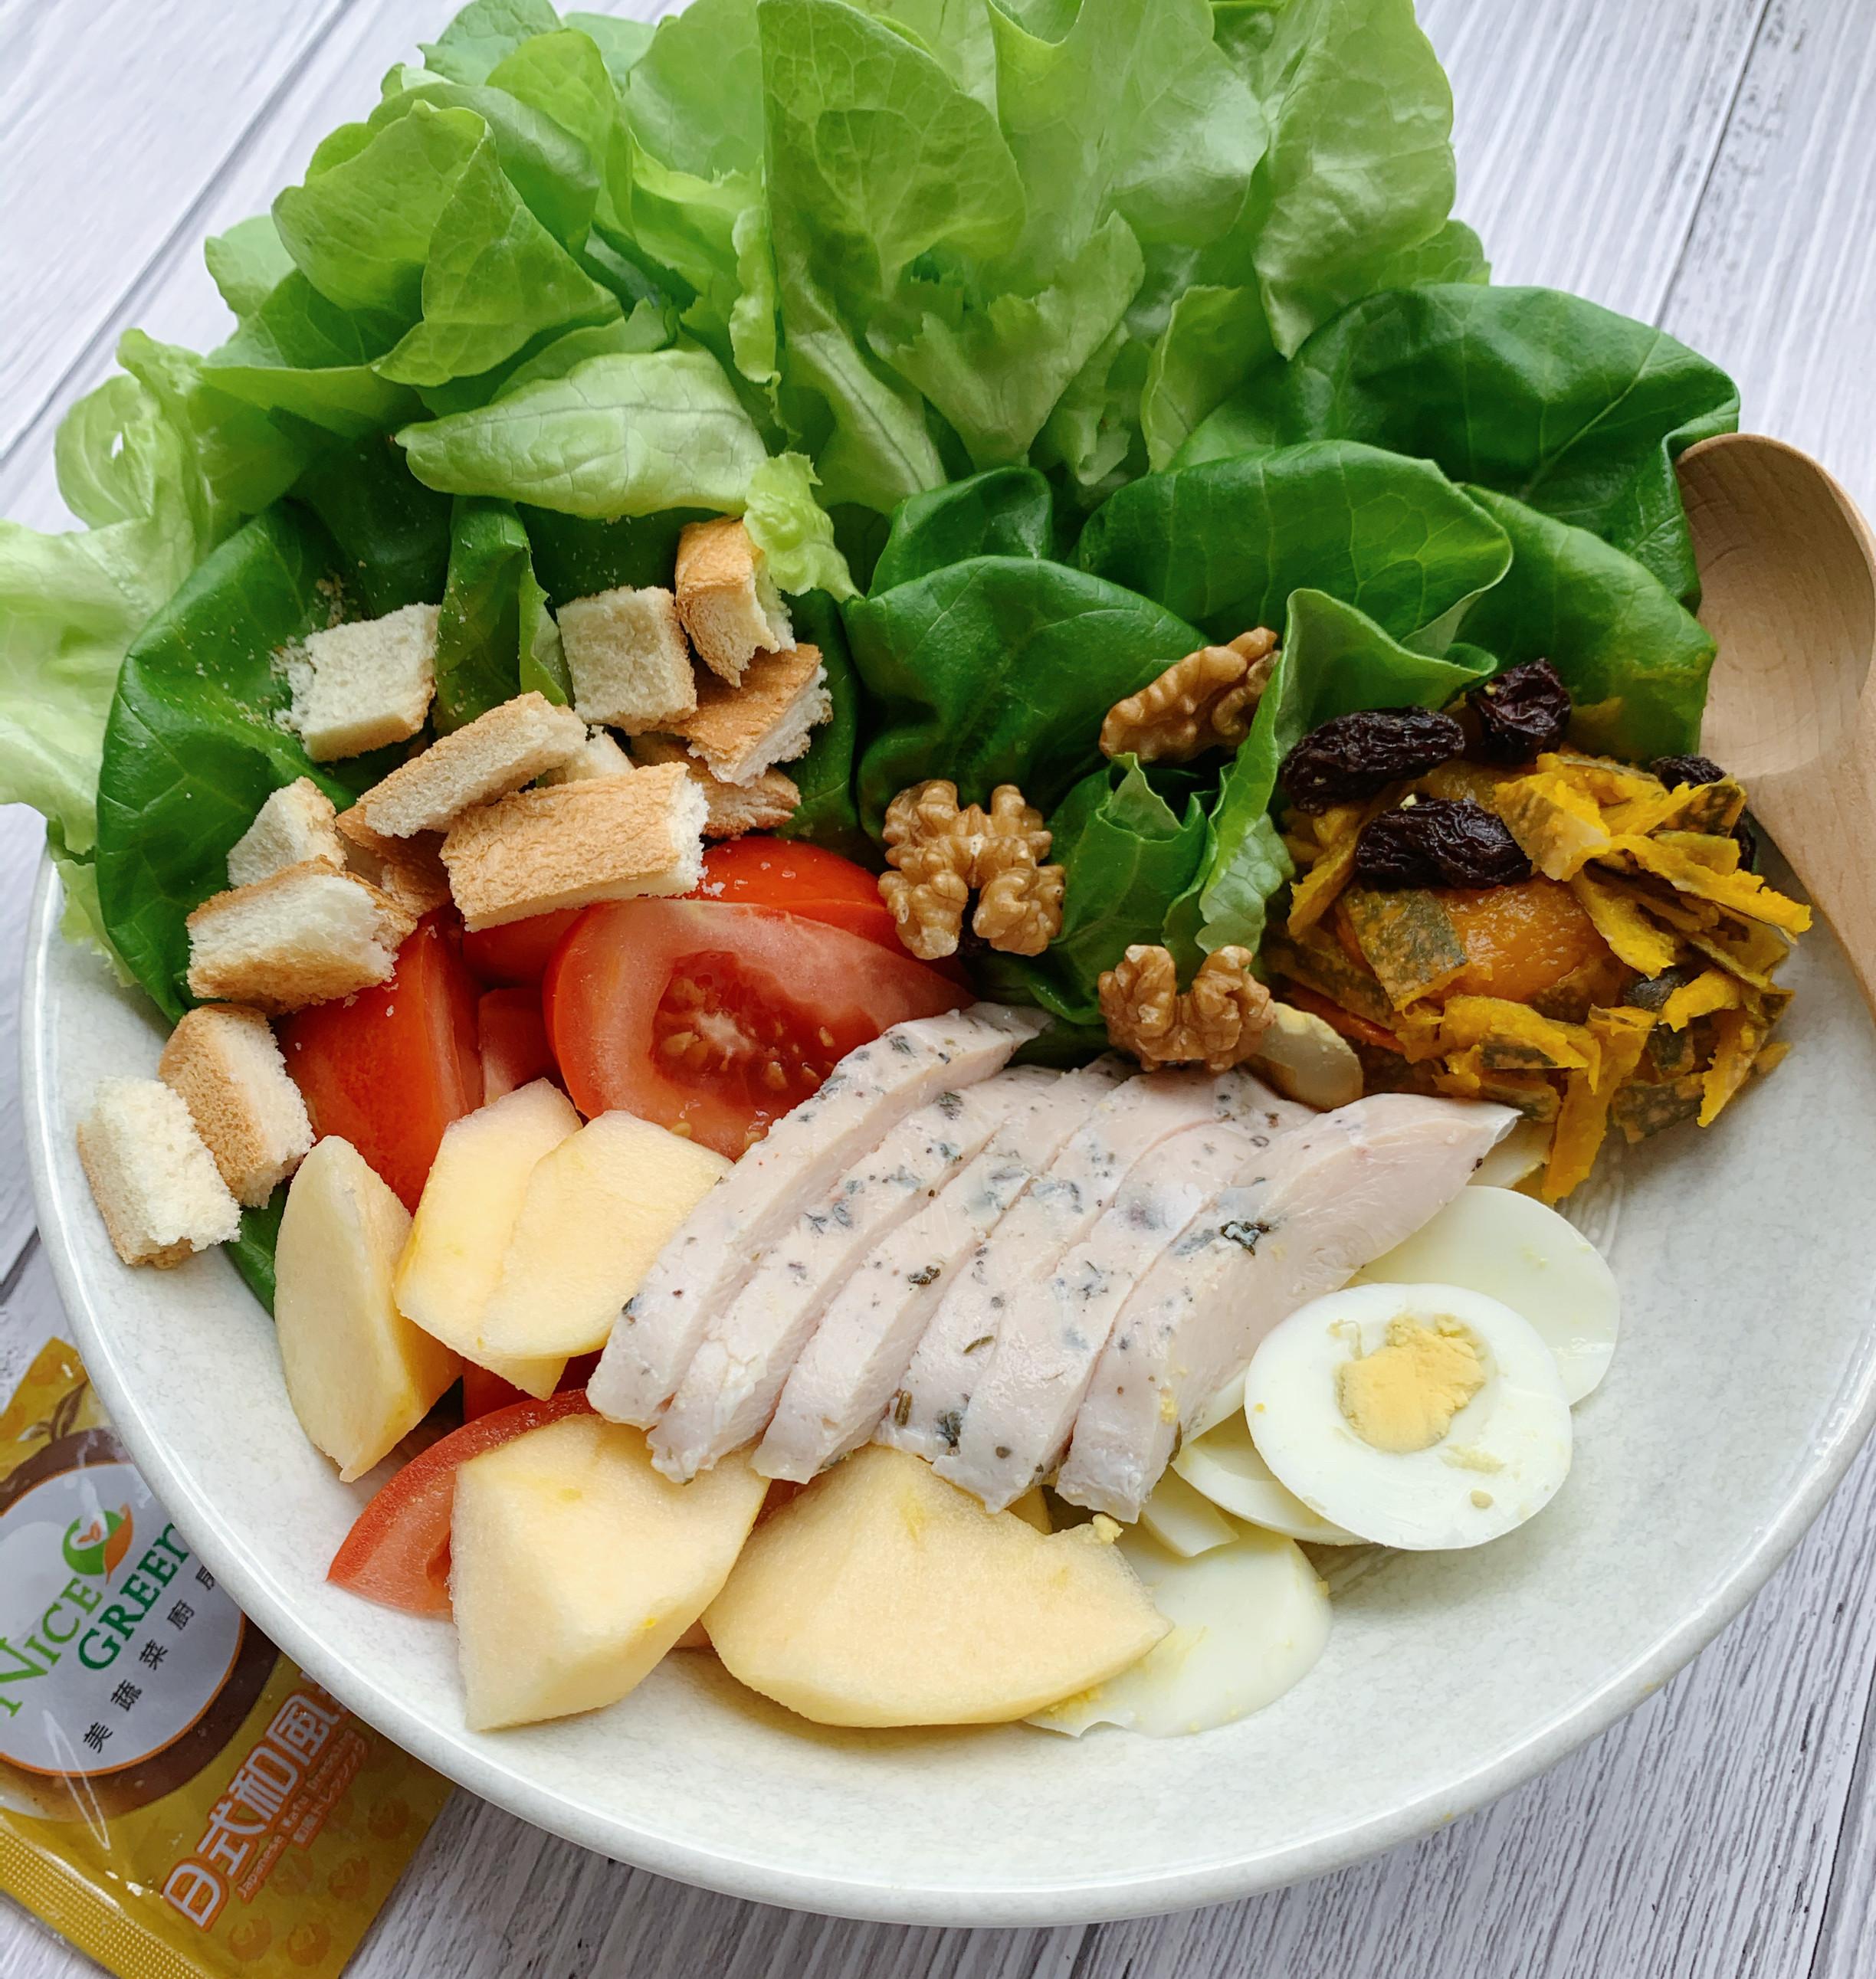 零廚藝備餐_輕食沙拉-低醣生酮均衡一下